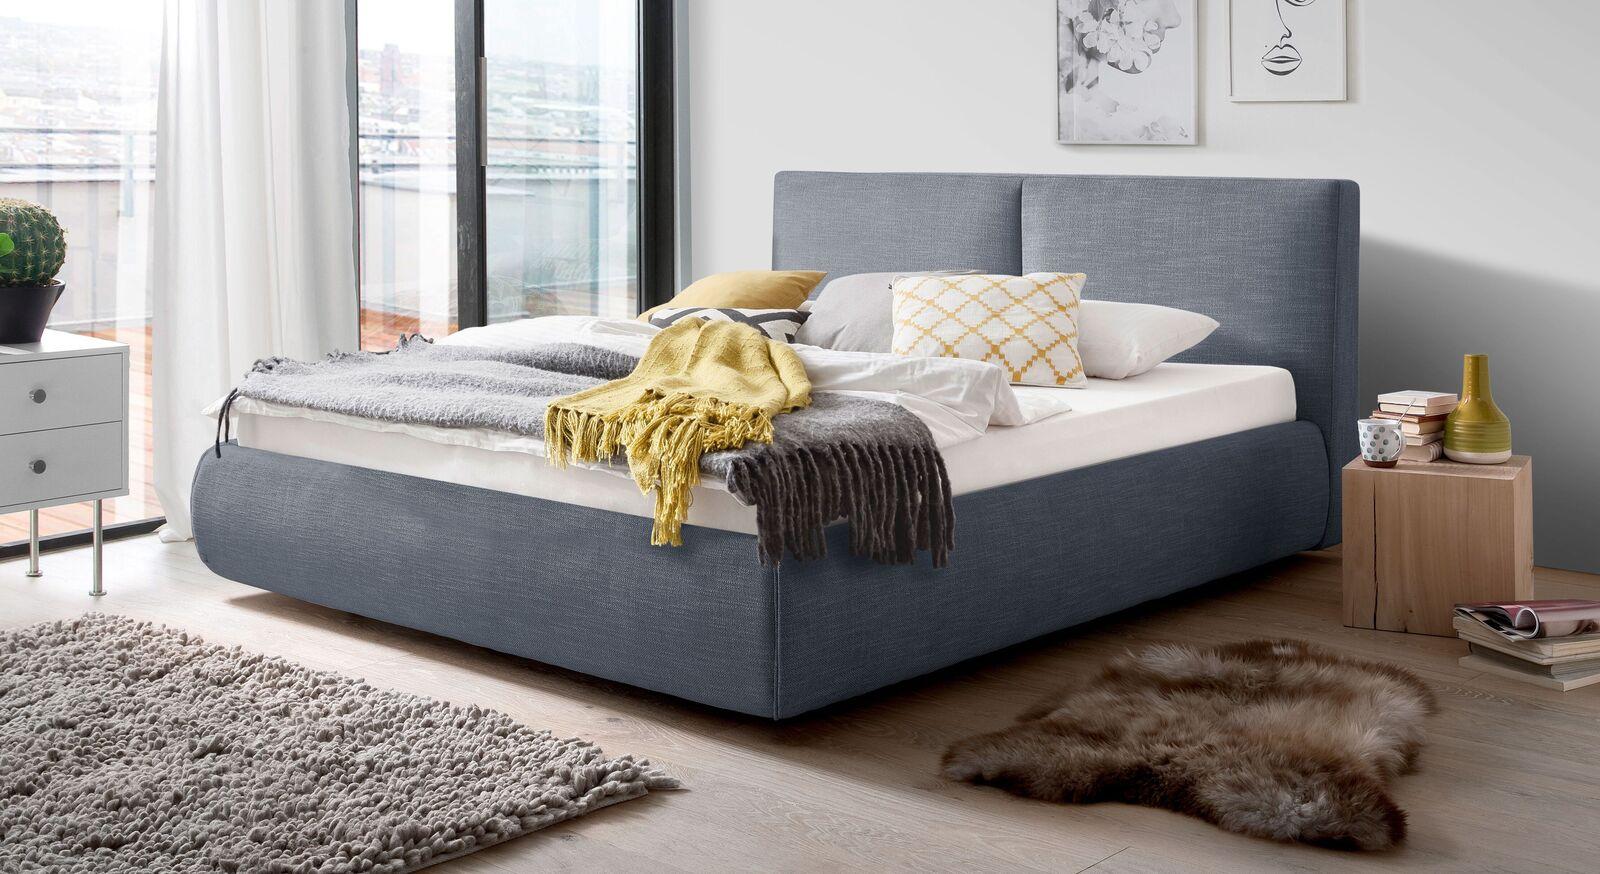 Bett Astarte mit blauem Webstoffbezug